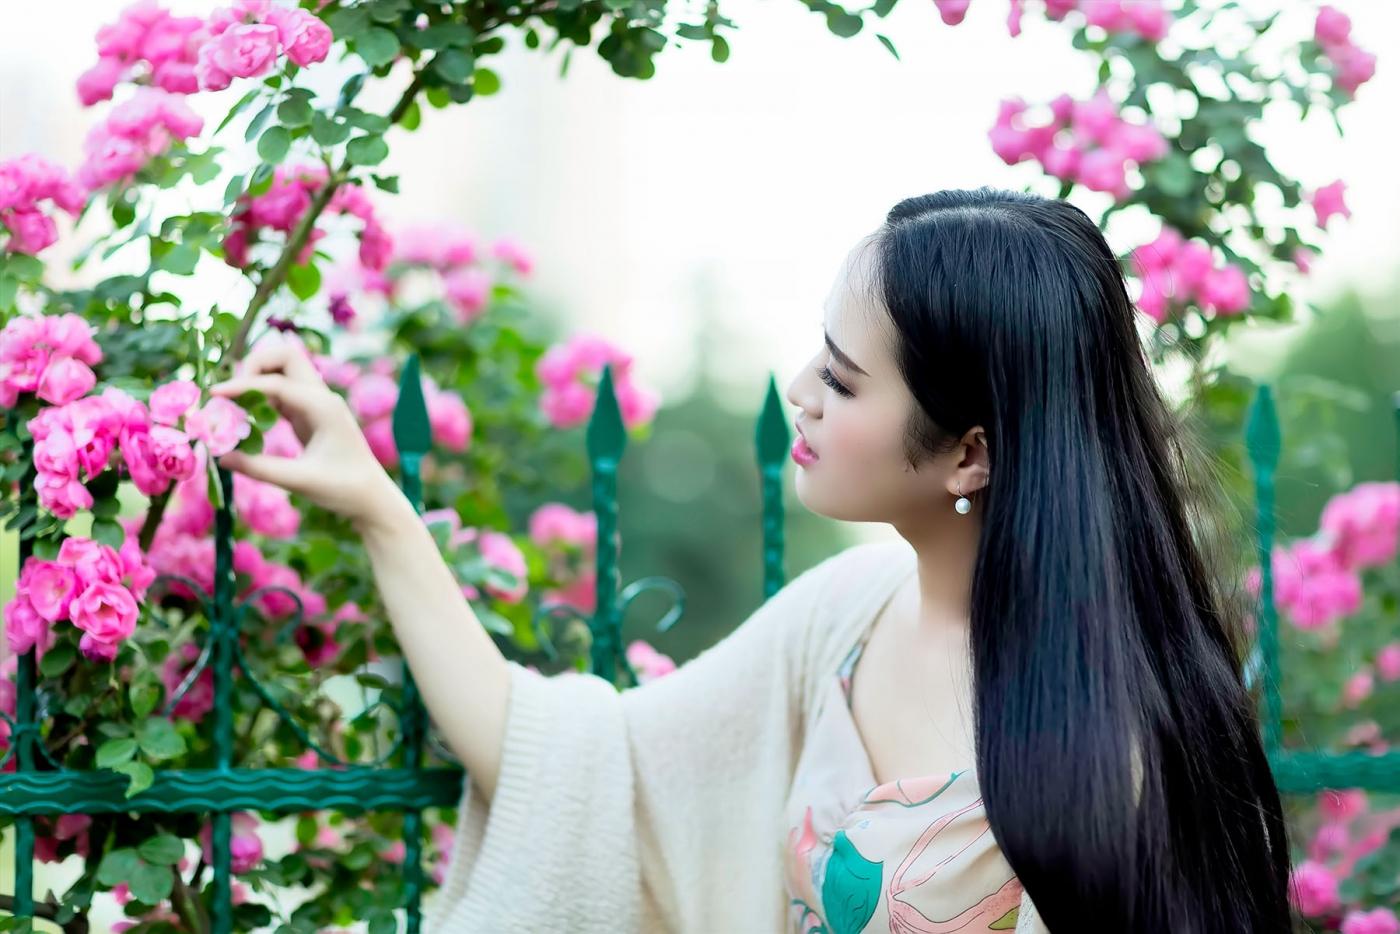 蔷薇·阳光·女孩 去见你想见的人吧_图1-5